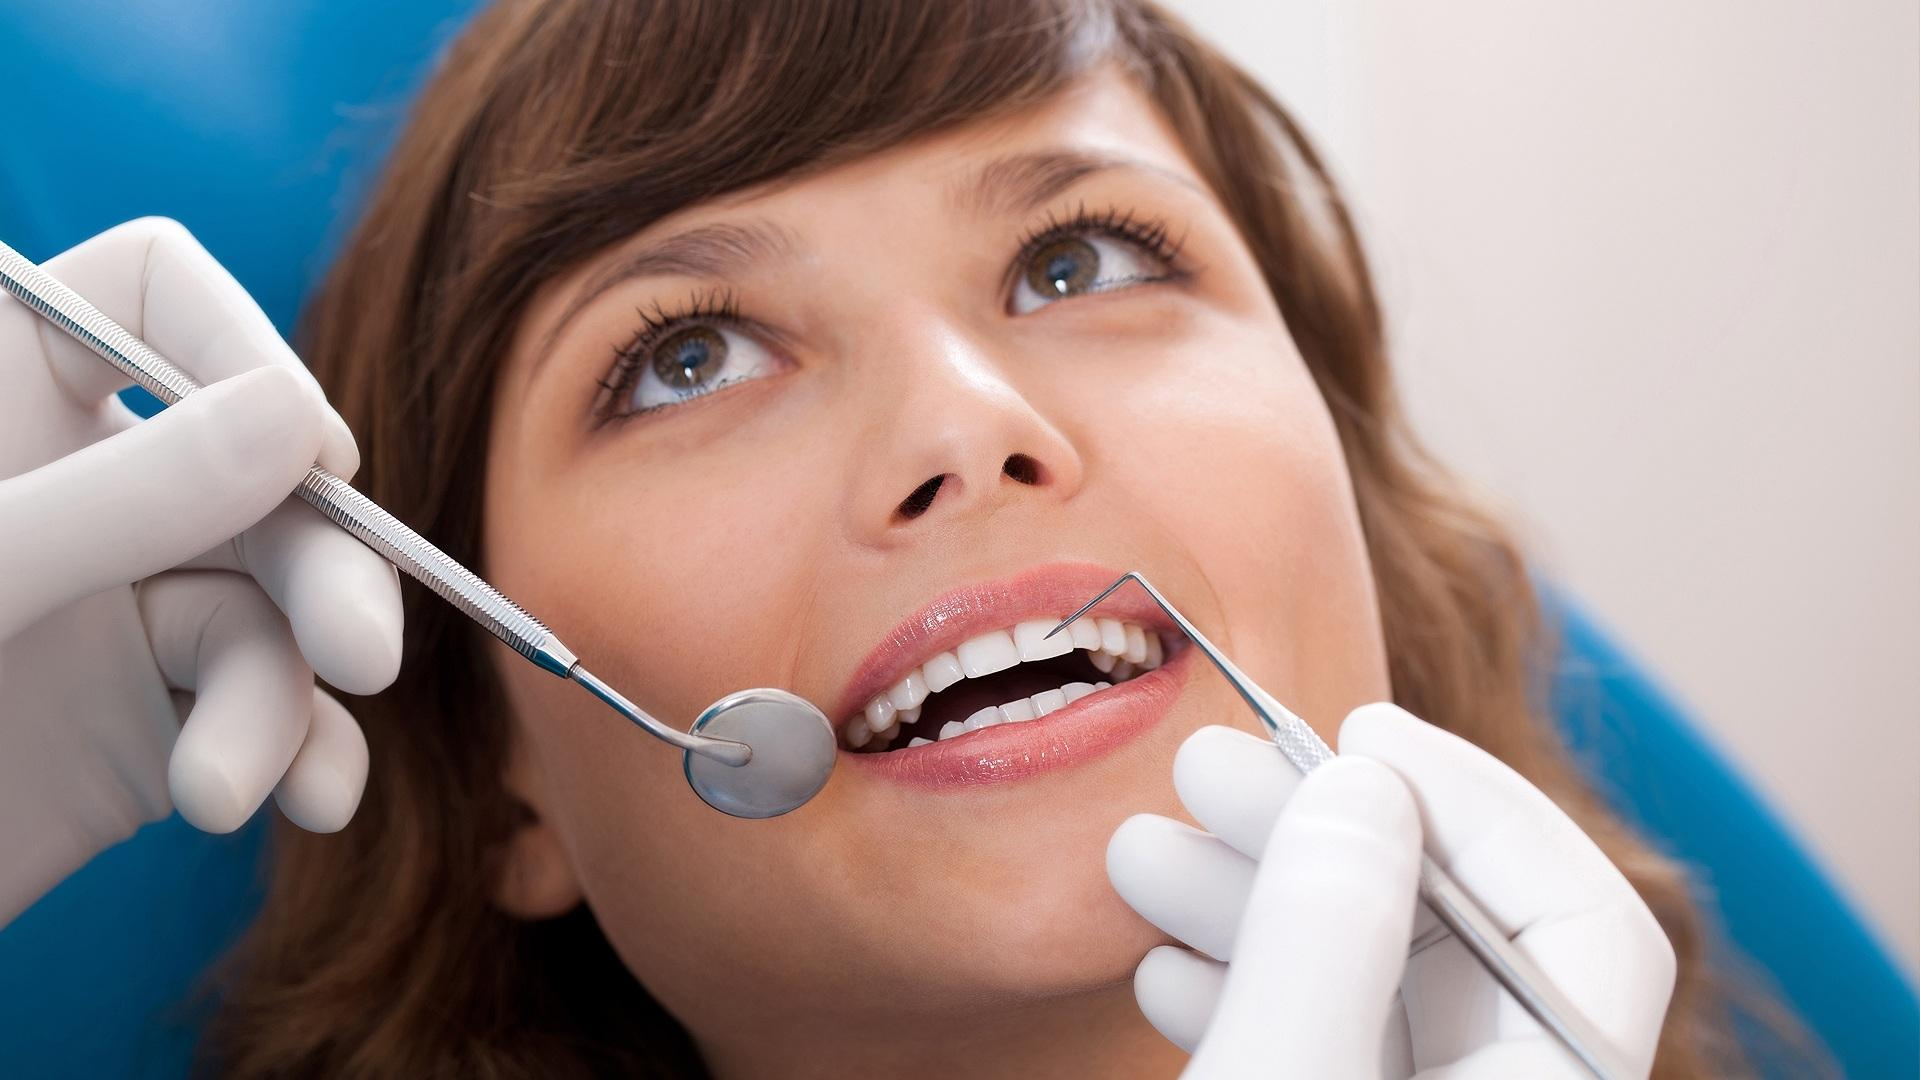 Учёные научились регенерировать повреждённые ткани зубов